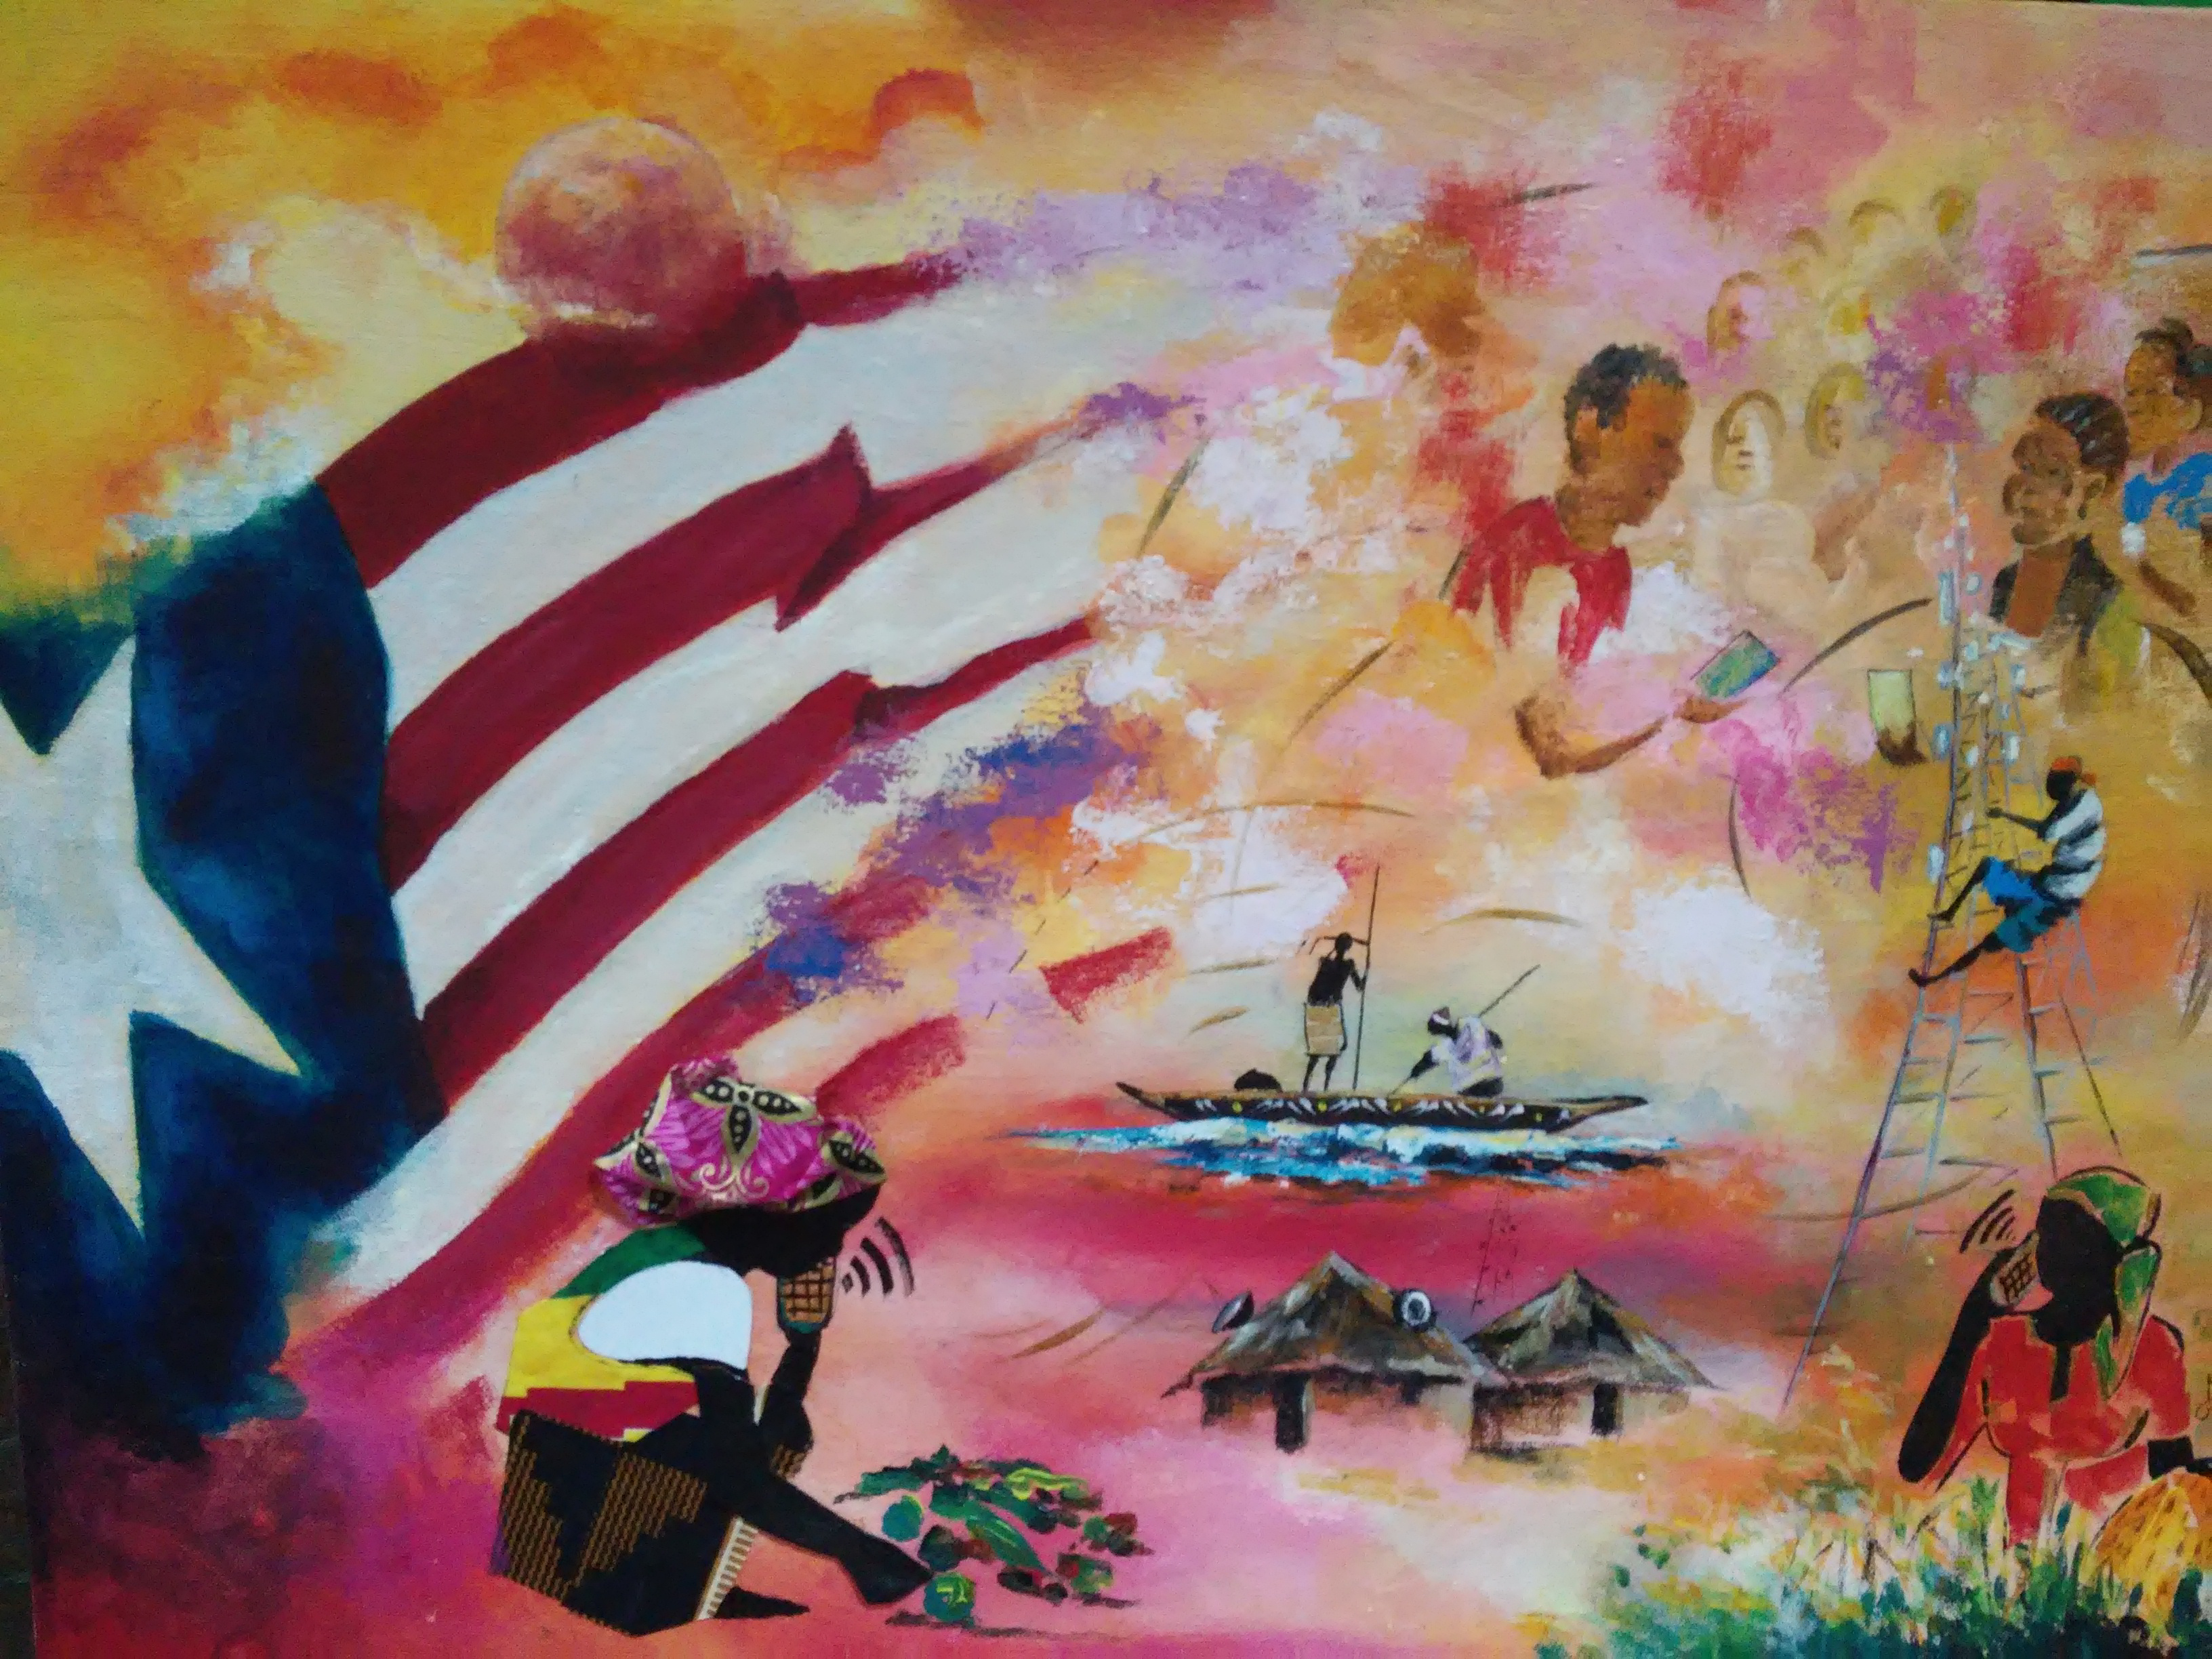 Dipinto che ho visto in una delle rarissime esposizioni d'arte a Monrovia. Rappresenta lo sviluppo in Liberia;